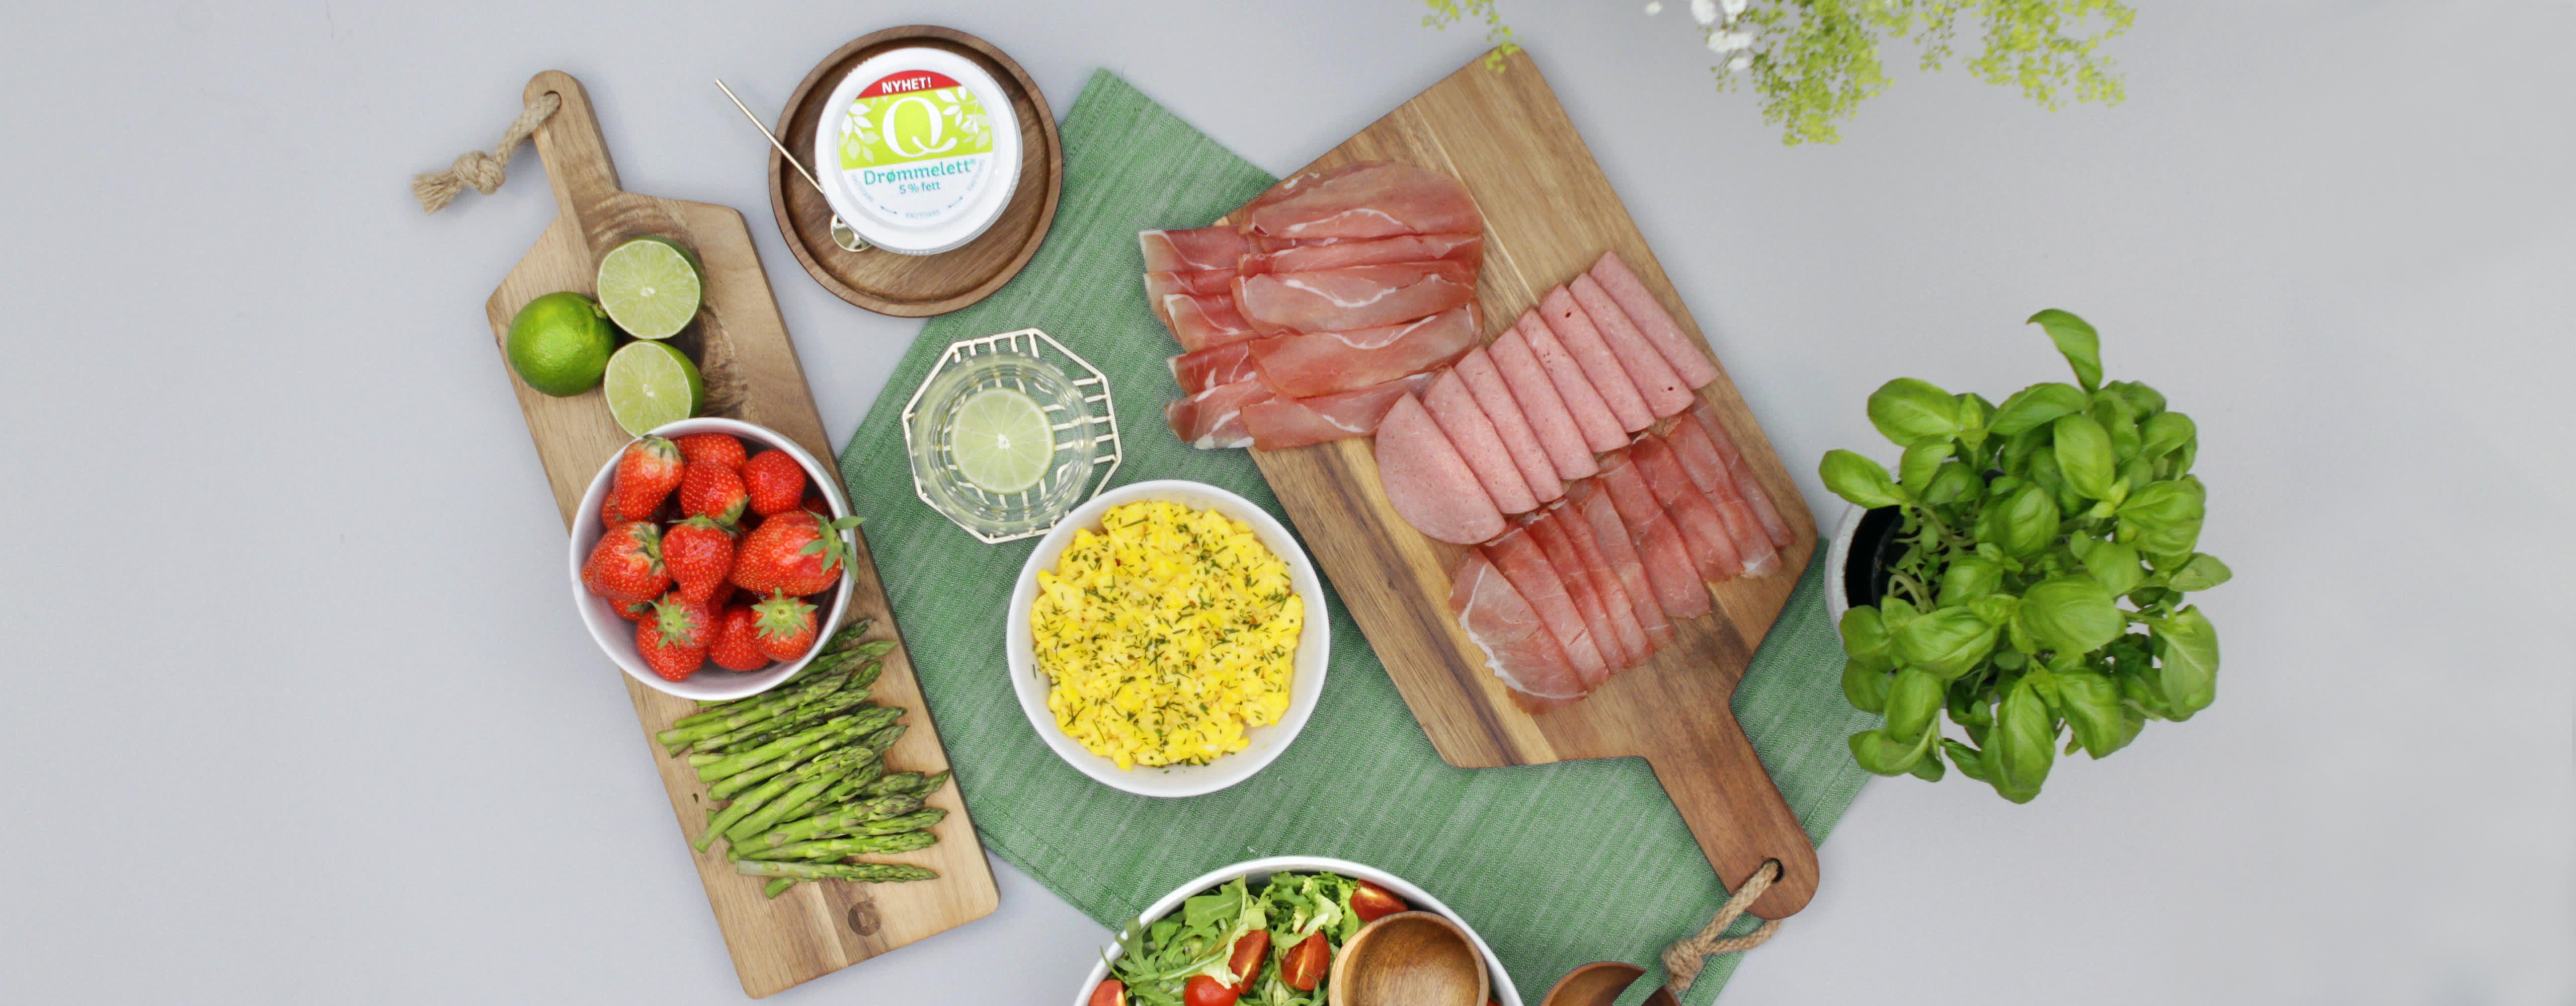 LITT SUNNERE: Gjør spekebordet litt sunnere med produkter som inneholder litt mindre fett og litt mindre salt.